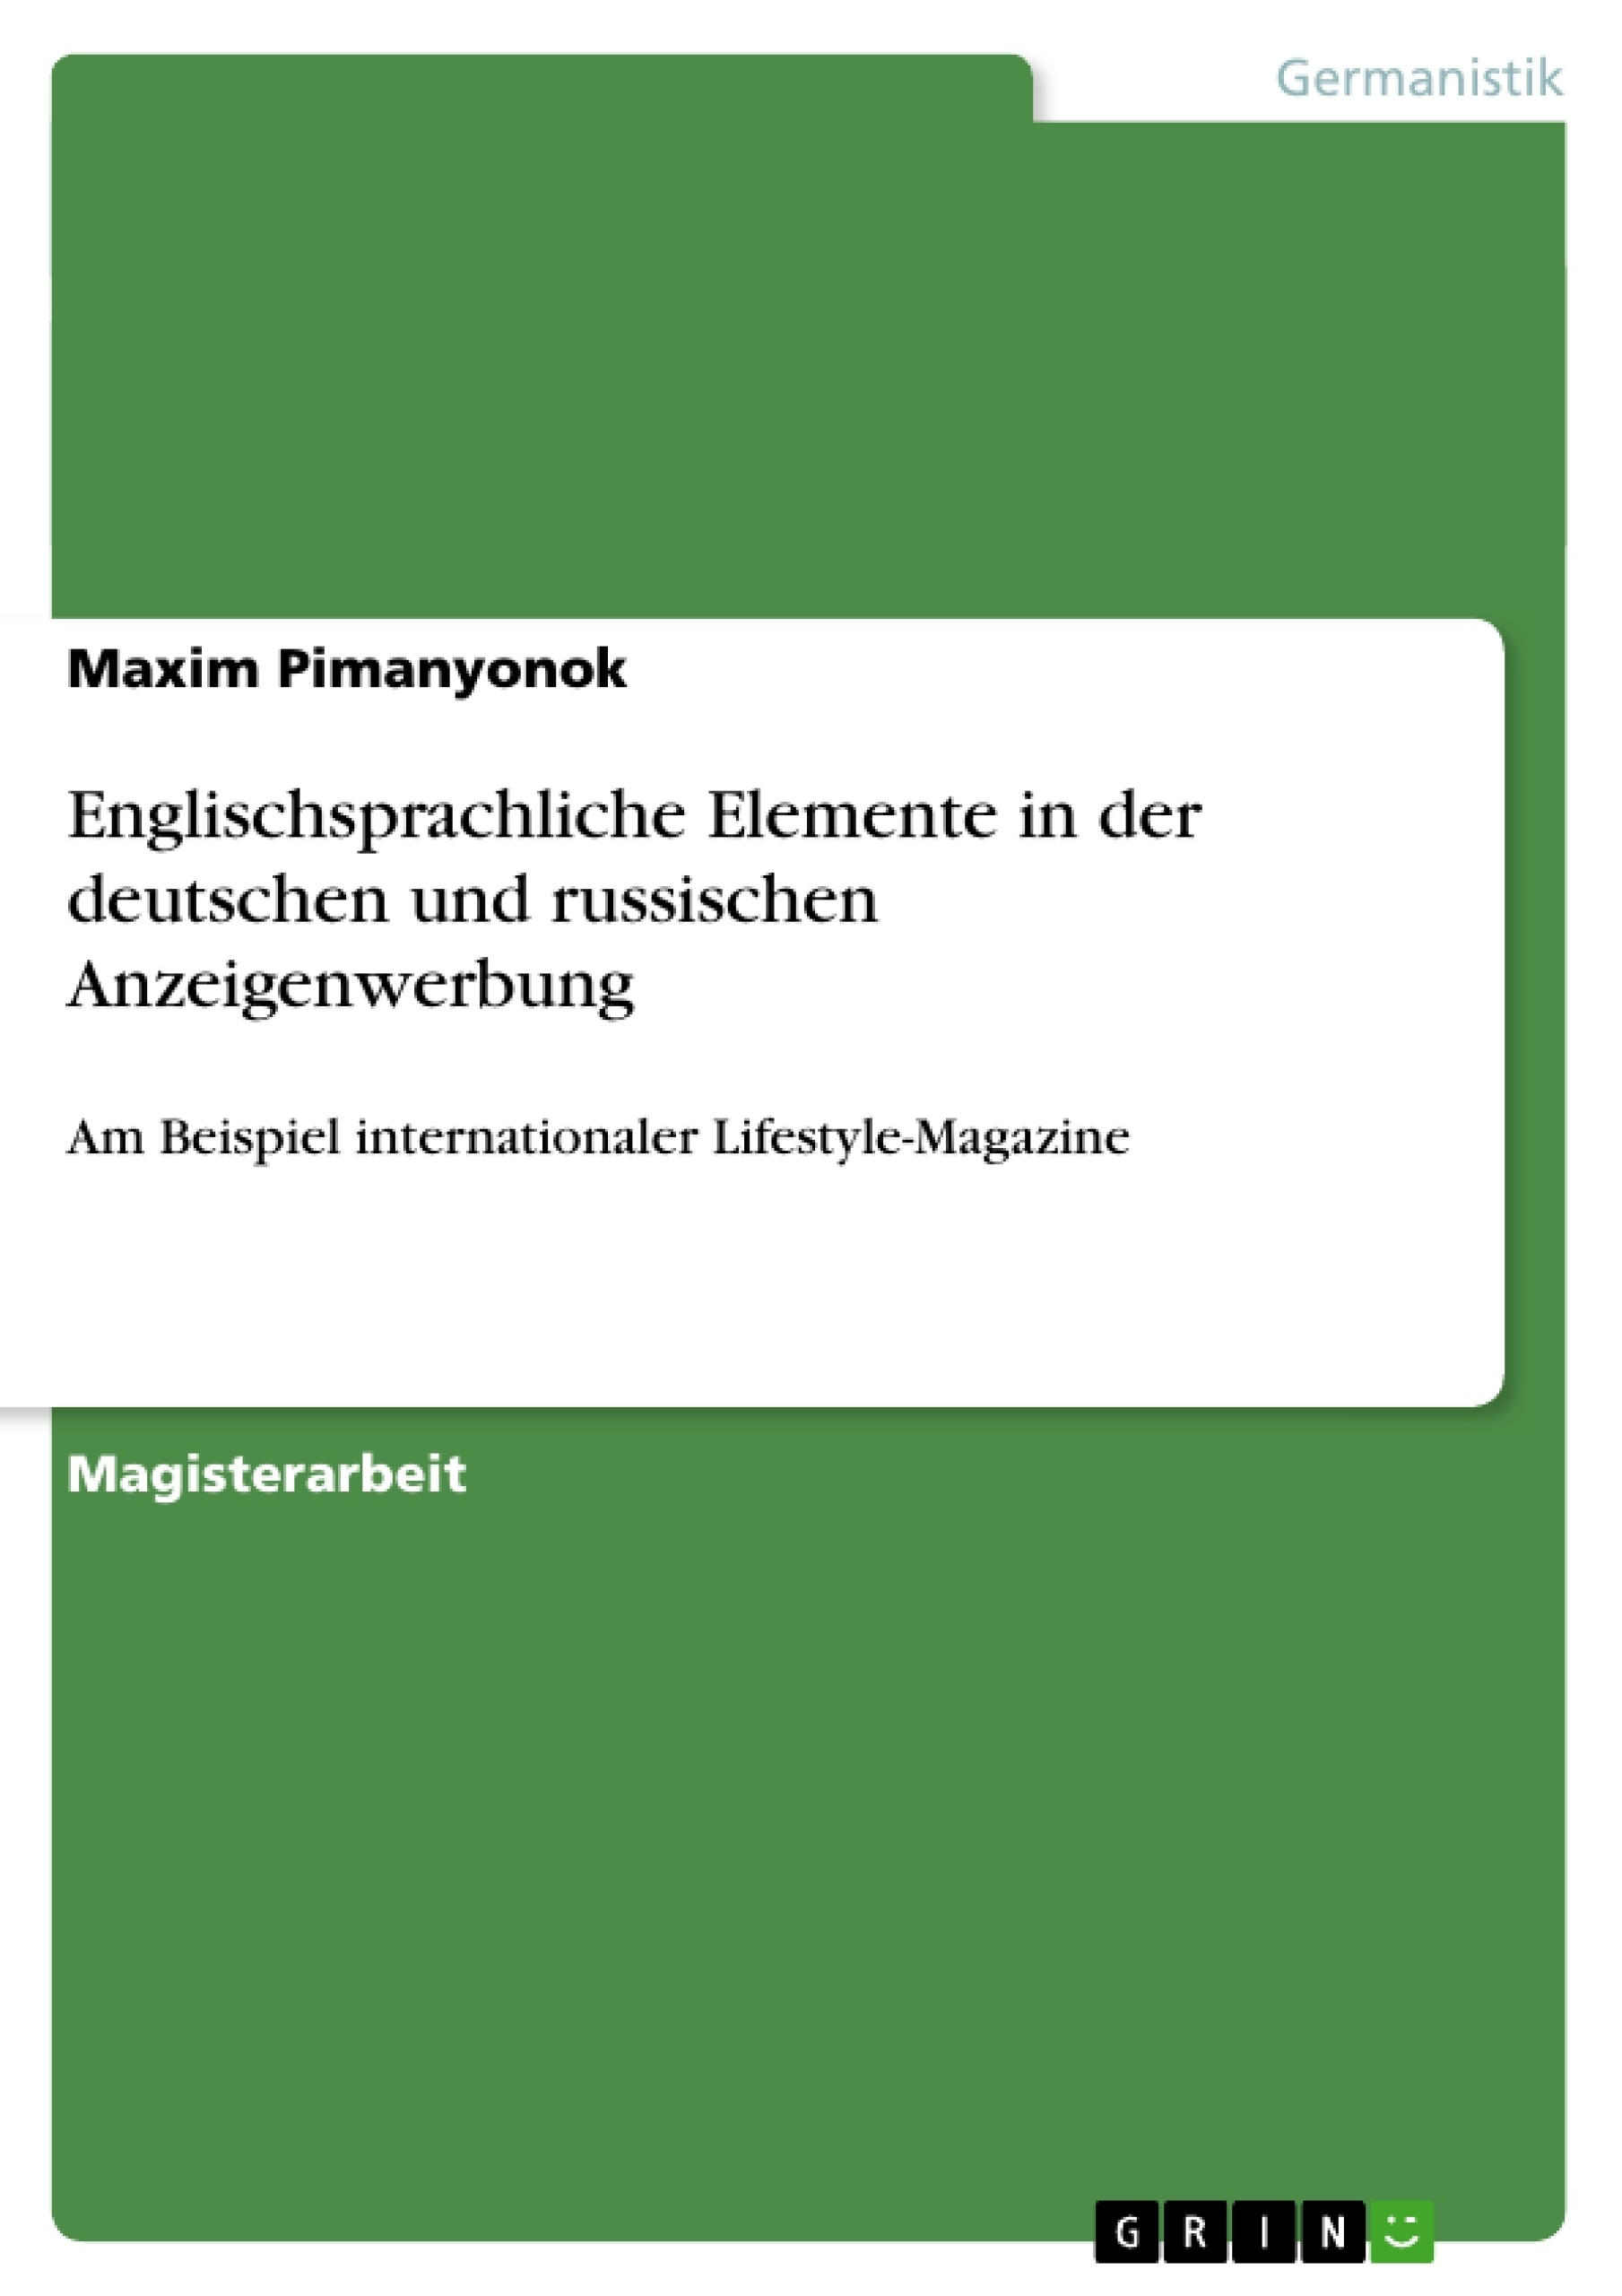 Titel: Englischsprachliche Elemente in der deutschen und russischen Anzeigenwerbung